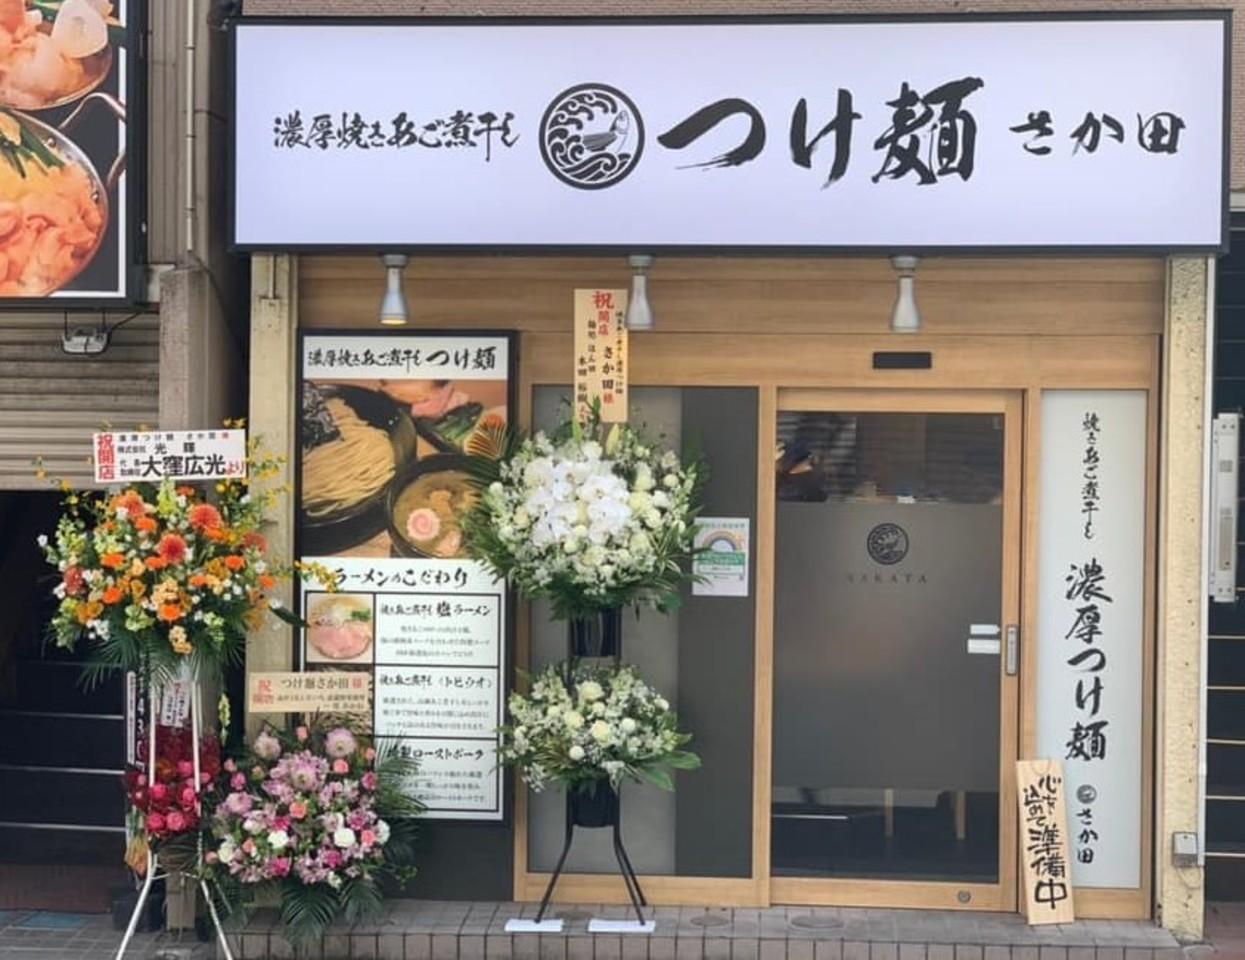 東京都国分寺市本町2丁目に「濃厚焼きあご煮干し つけ麺さか田」が本日オープンのようです。